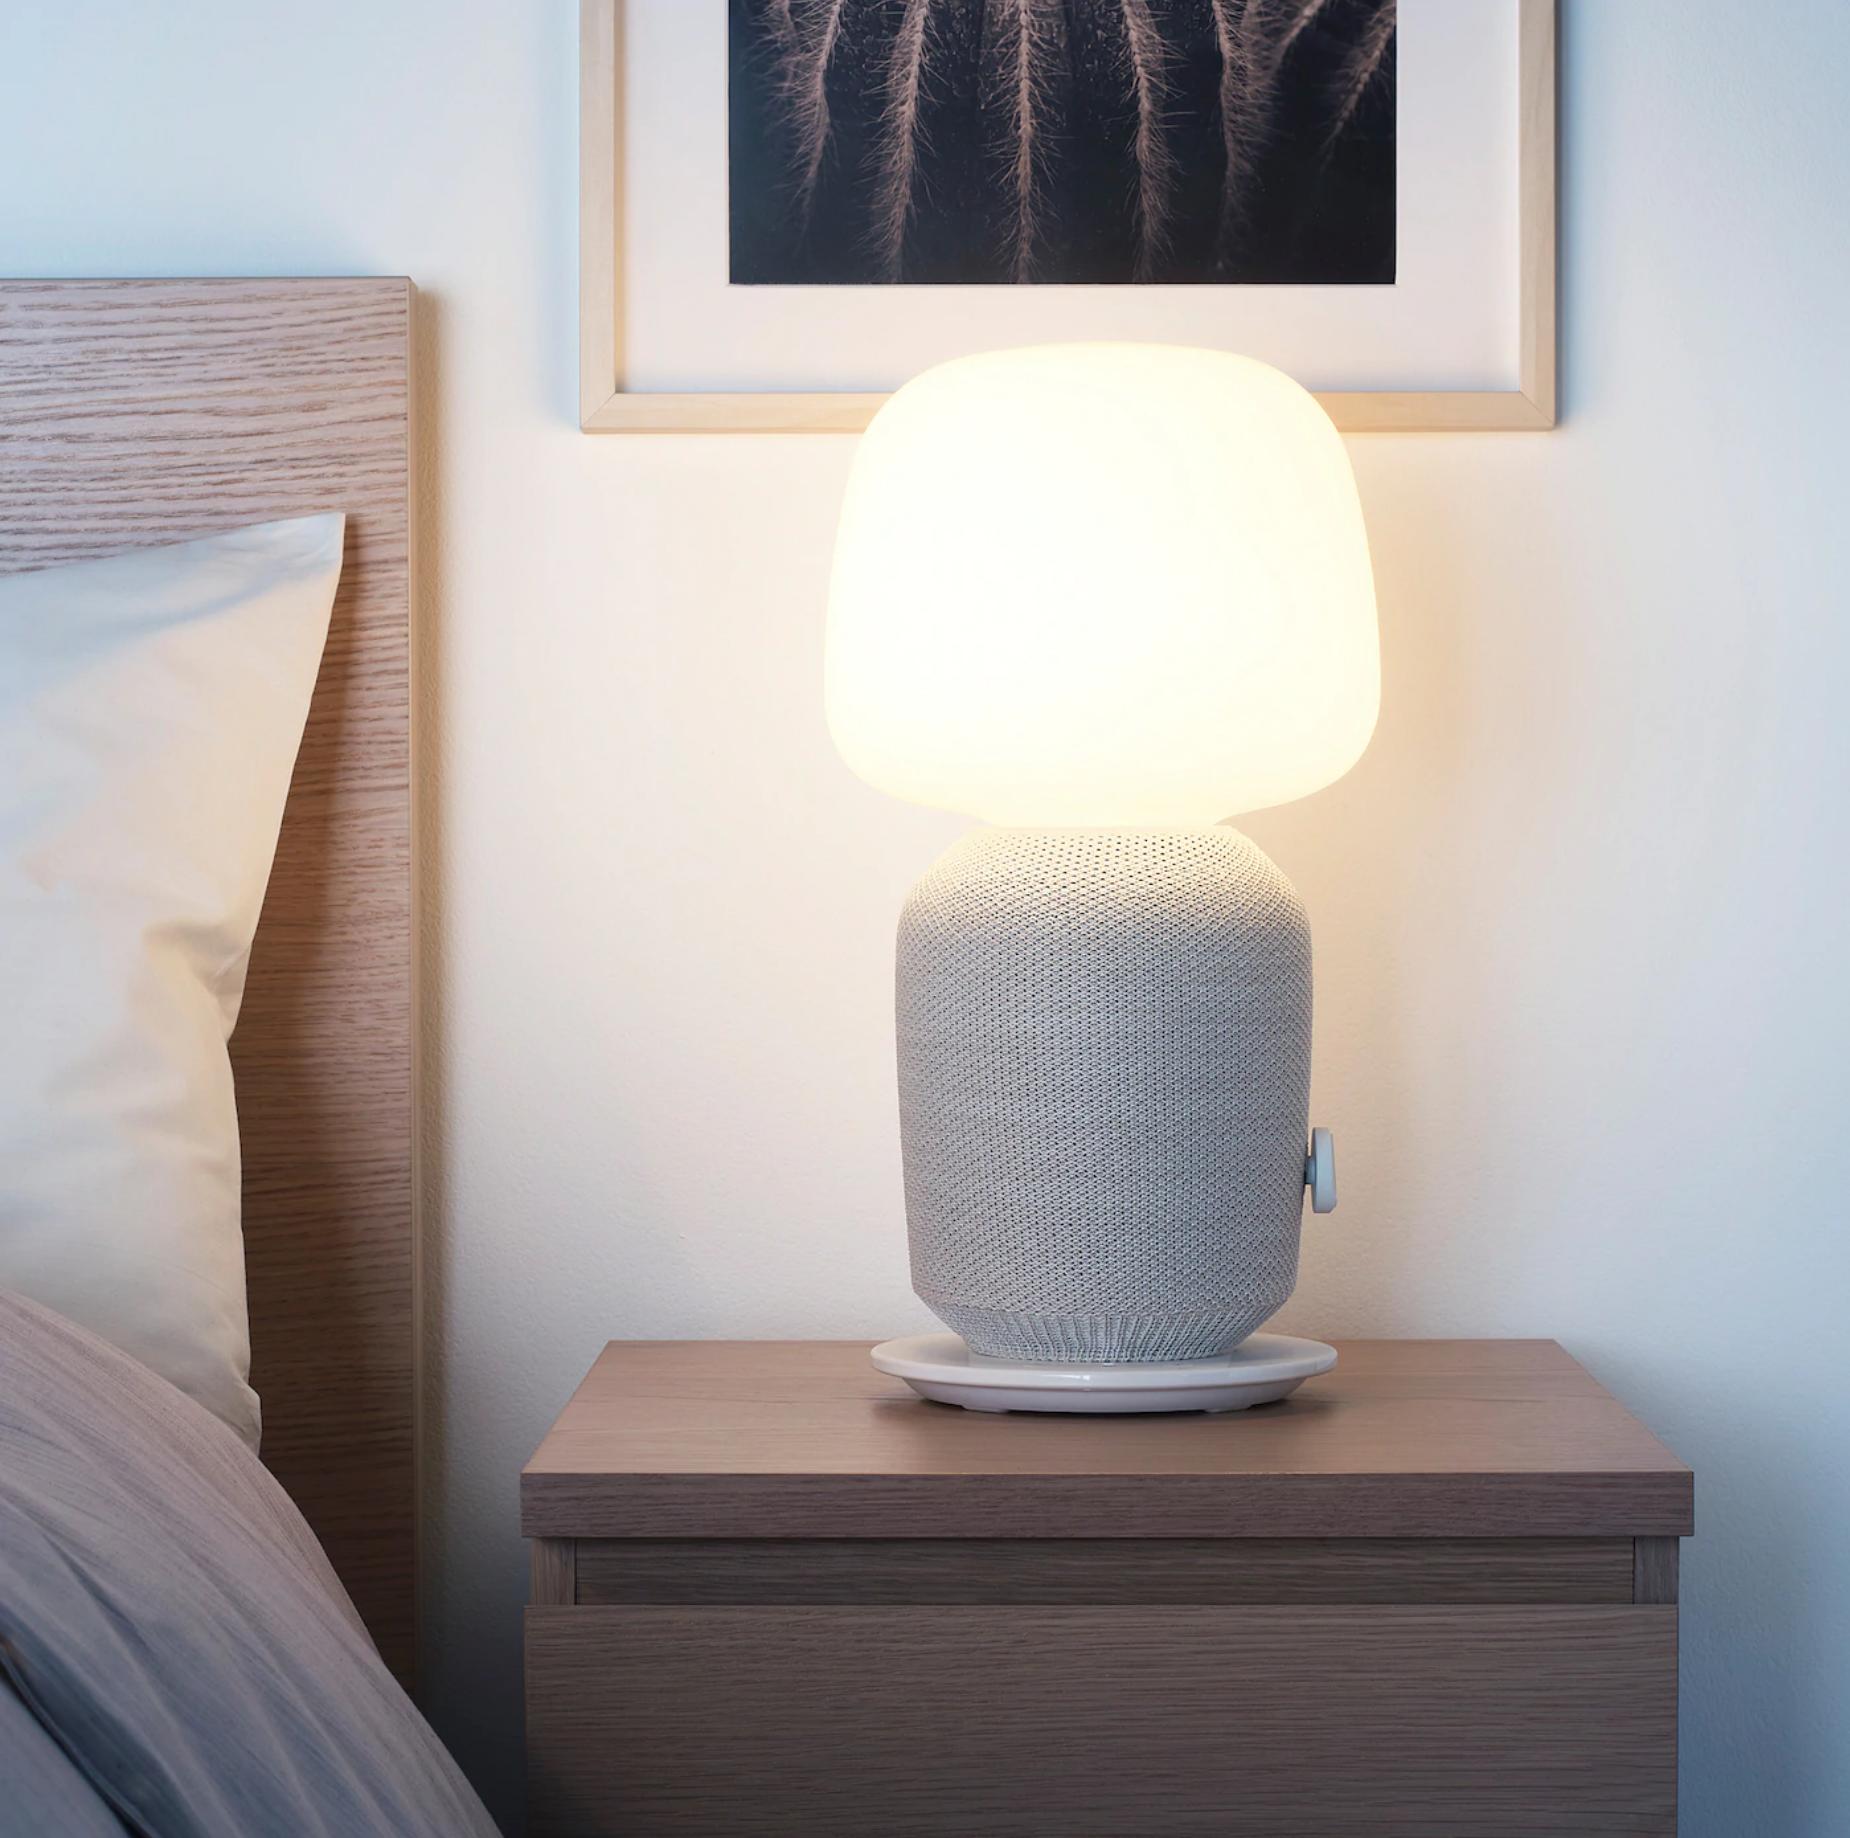 SYMFONISK lámpara altavoz wifi IKEA. Luz y música con wifi